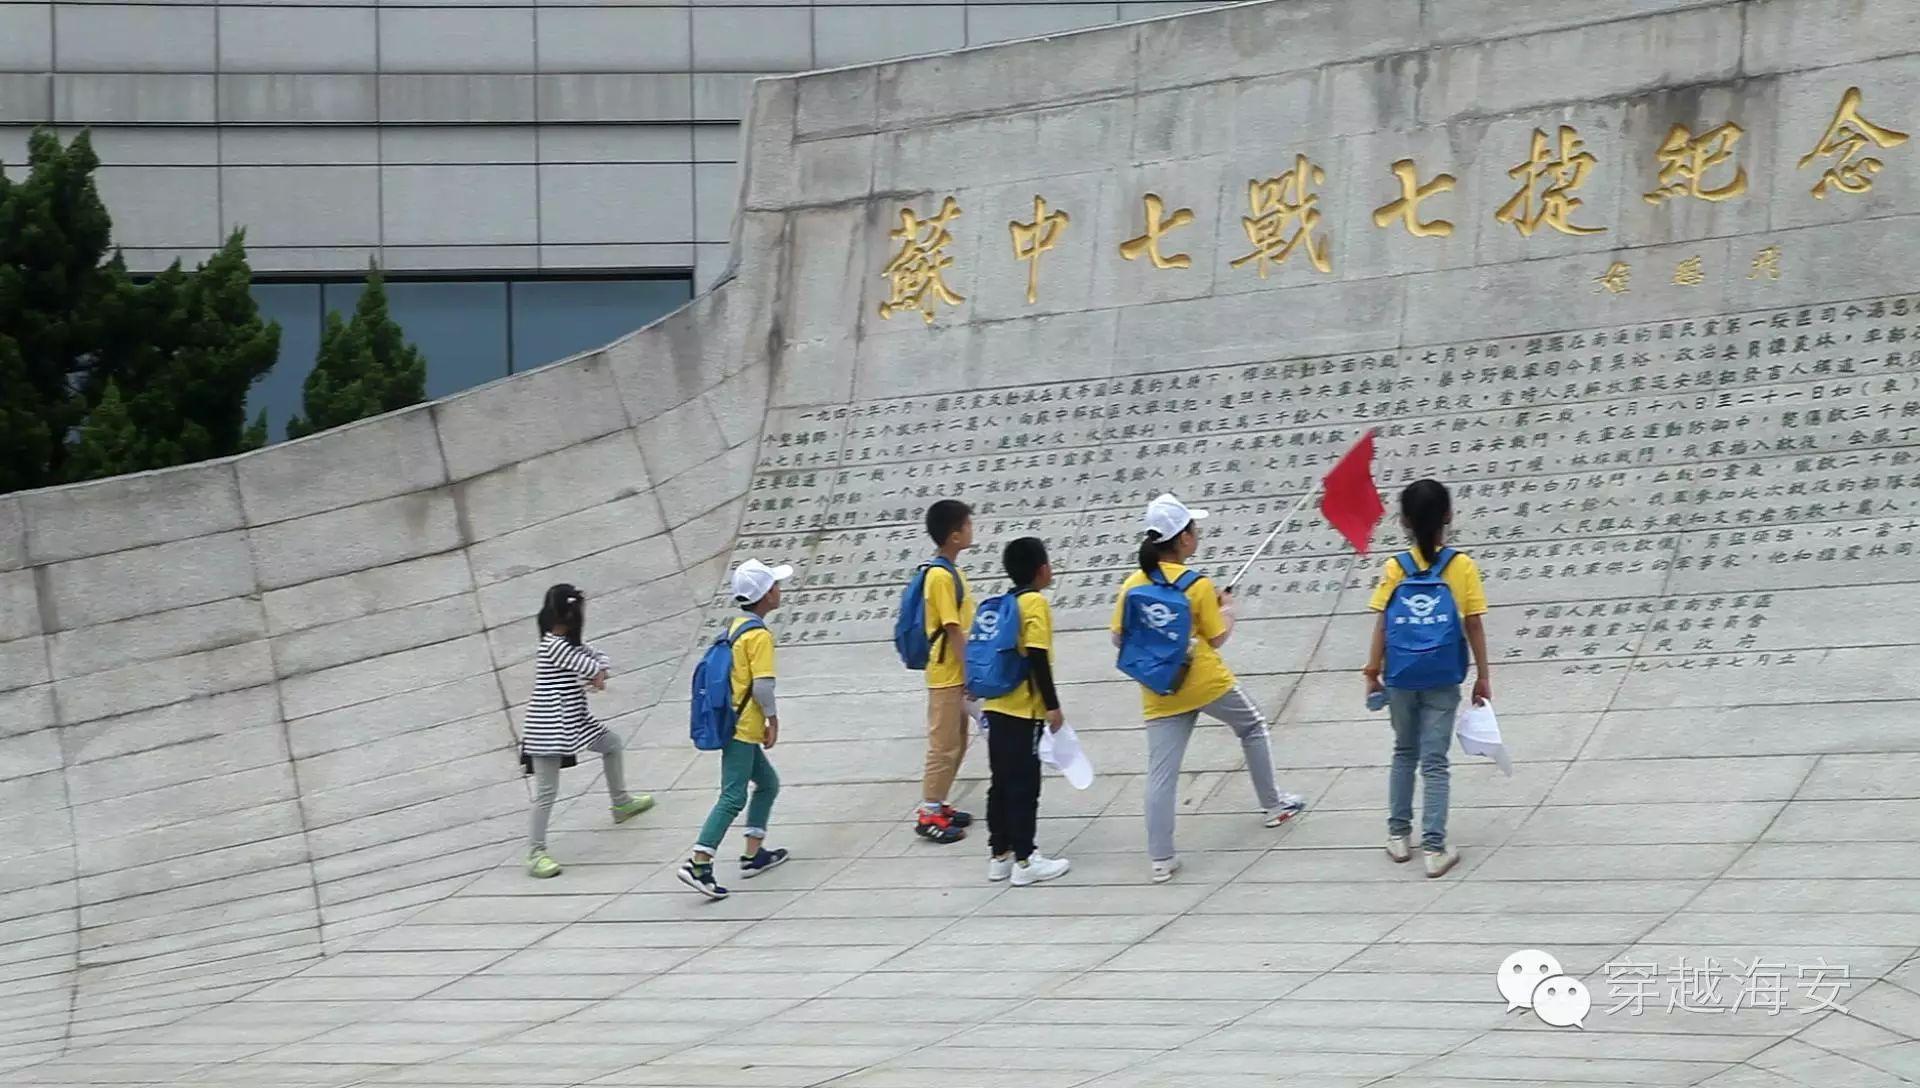 奔驰吧,少年!穿越海安国庆特辑第一期圆满闭幕!